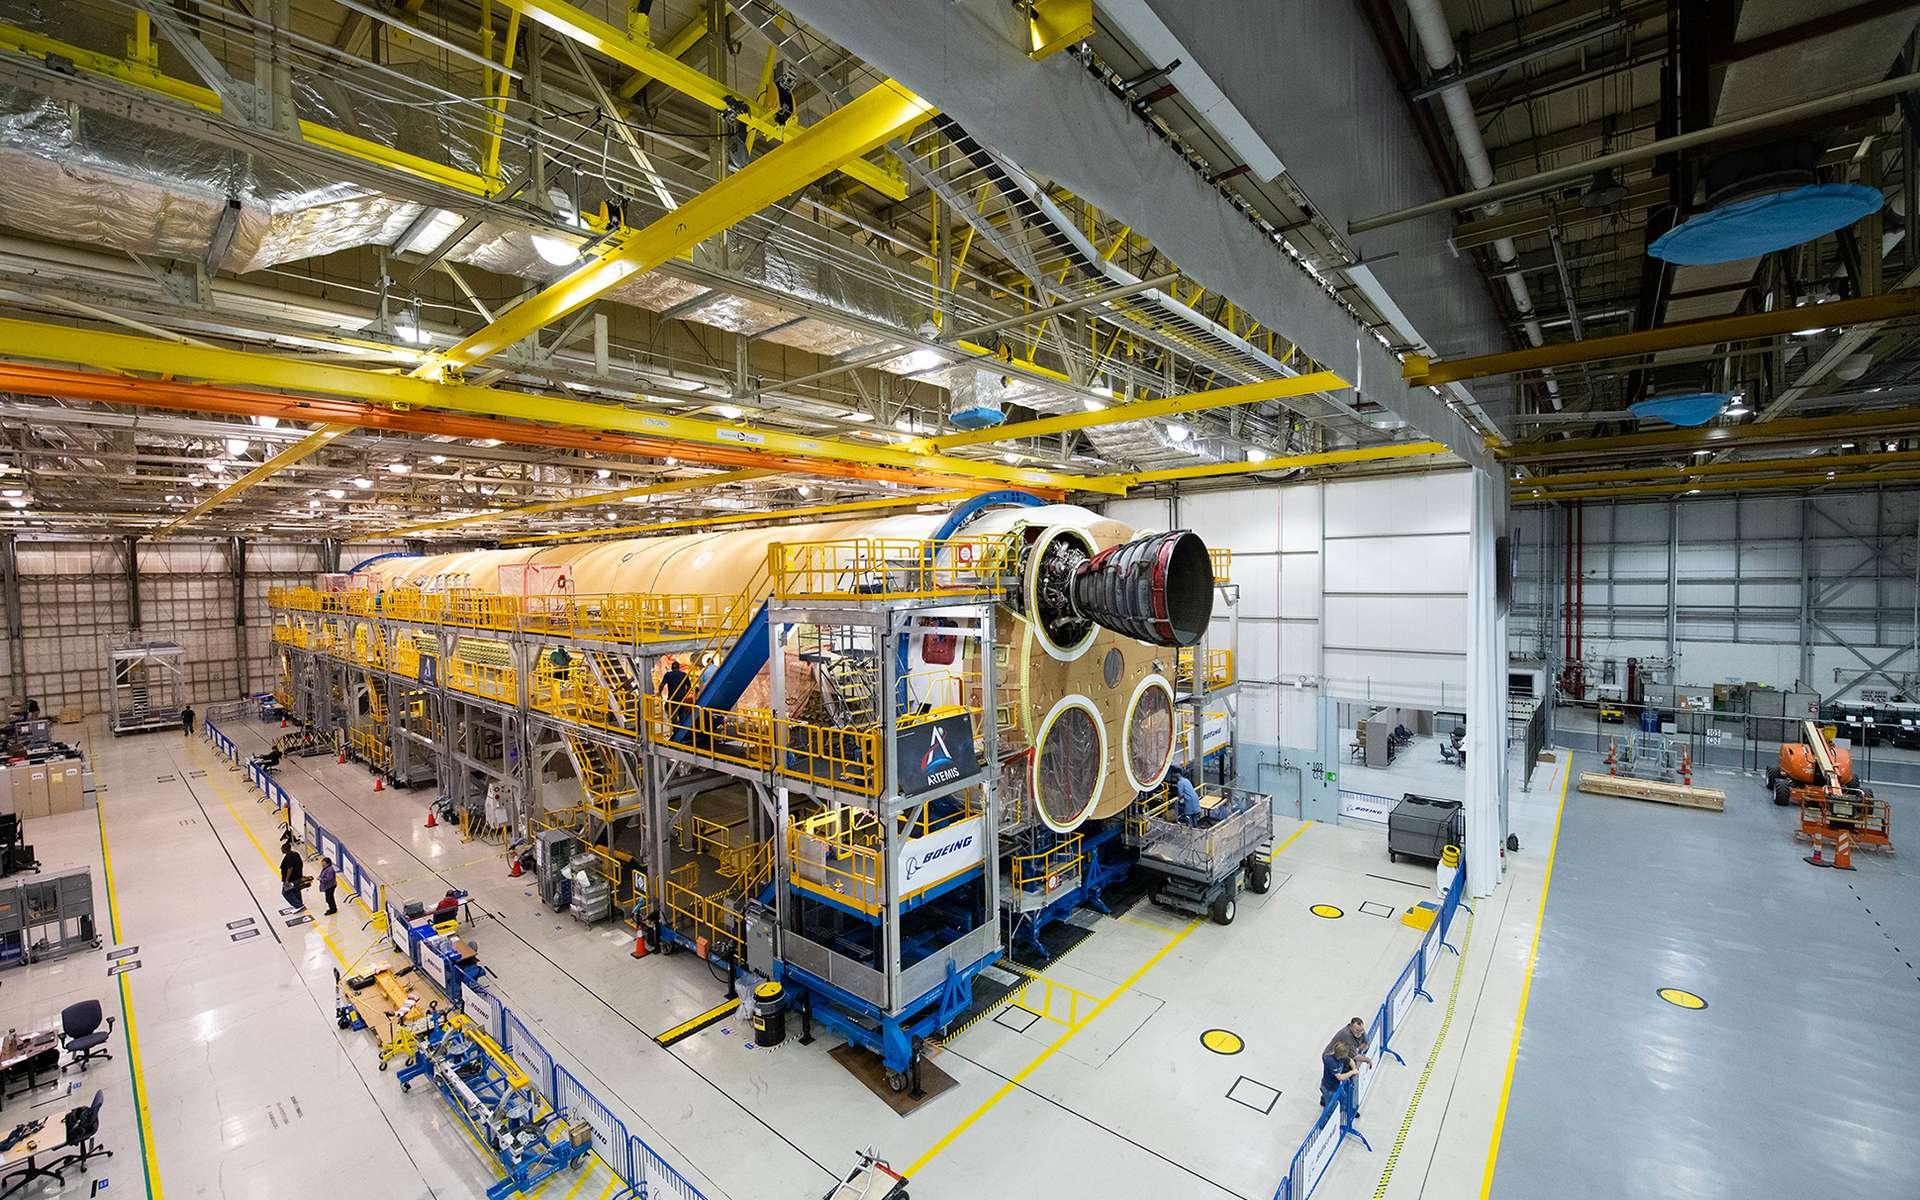 L'étage principal du lanceur SLS sur le site d'assemblage Michoud de la Nasa à La Nouvelle-Orléans. Sur cette image, prise en octobre 2019, seul un des quatre moteurs R25 a été installé. © Nasa, Éric Bordelon